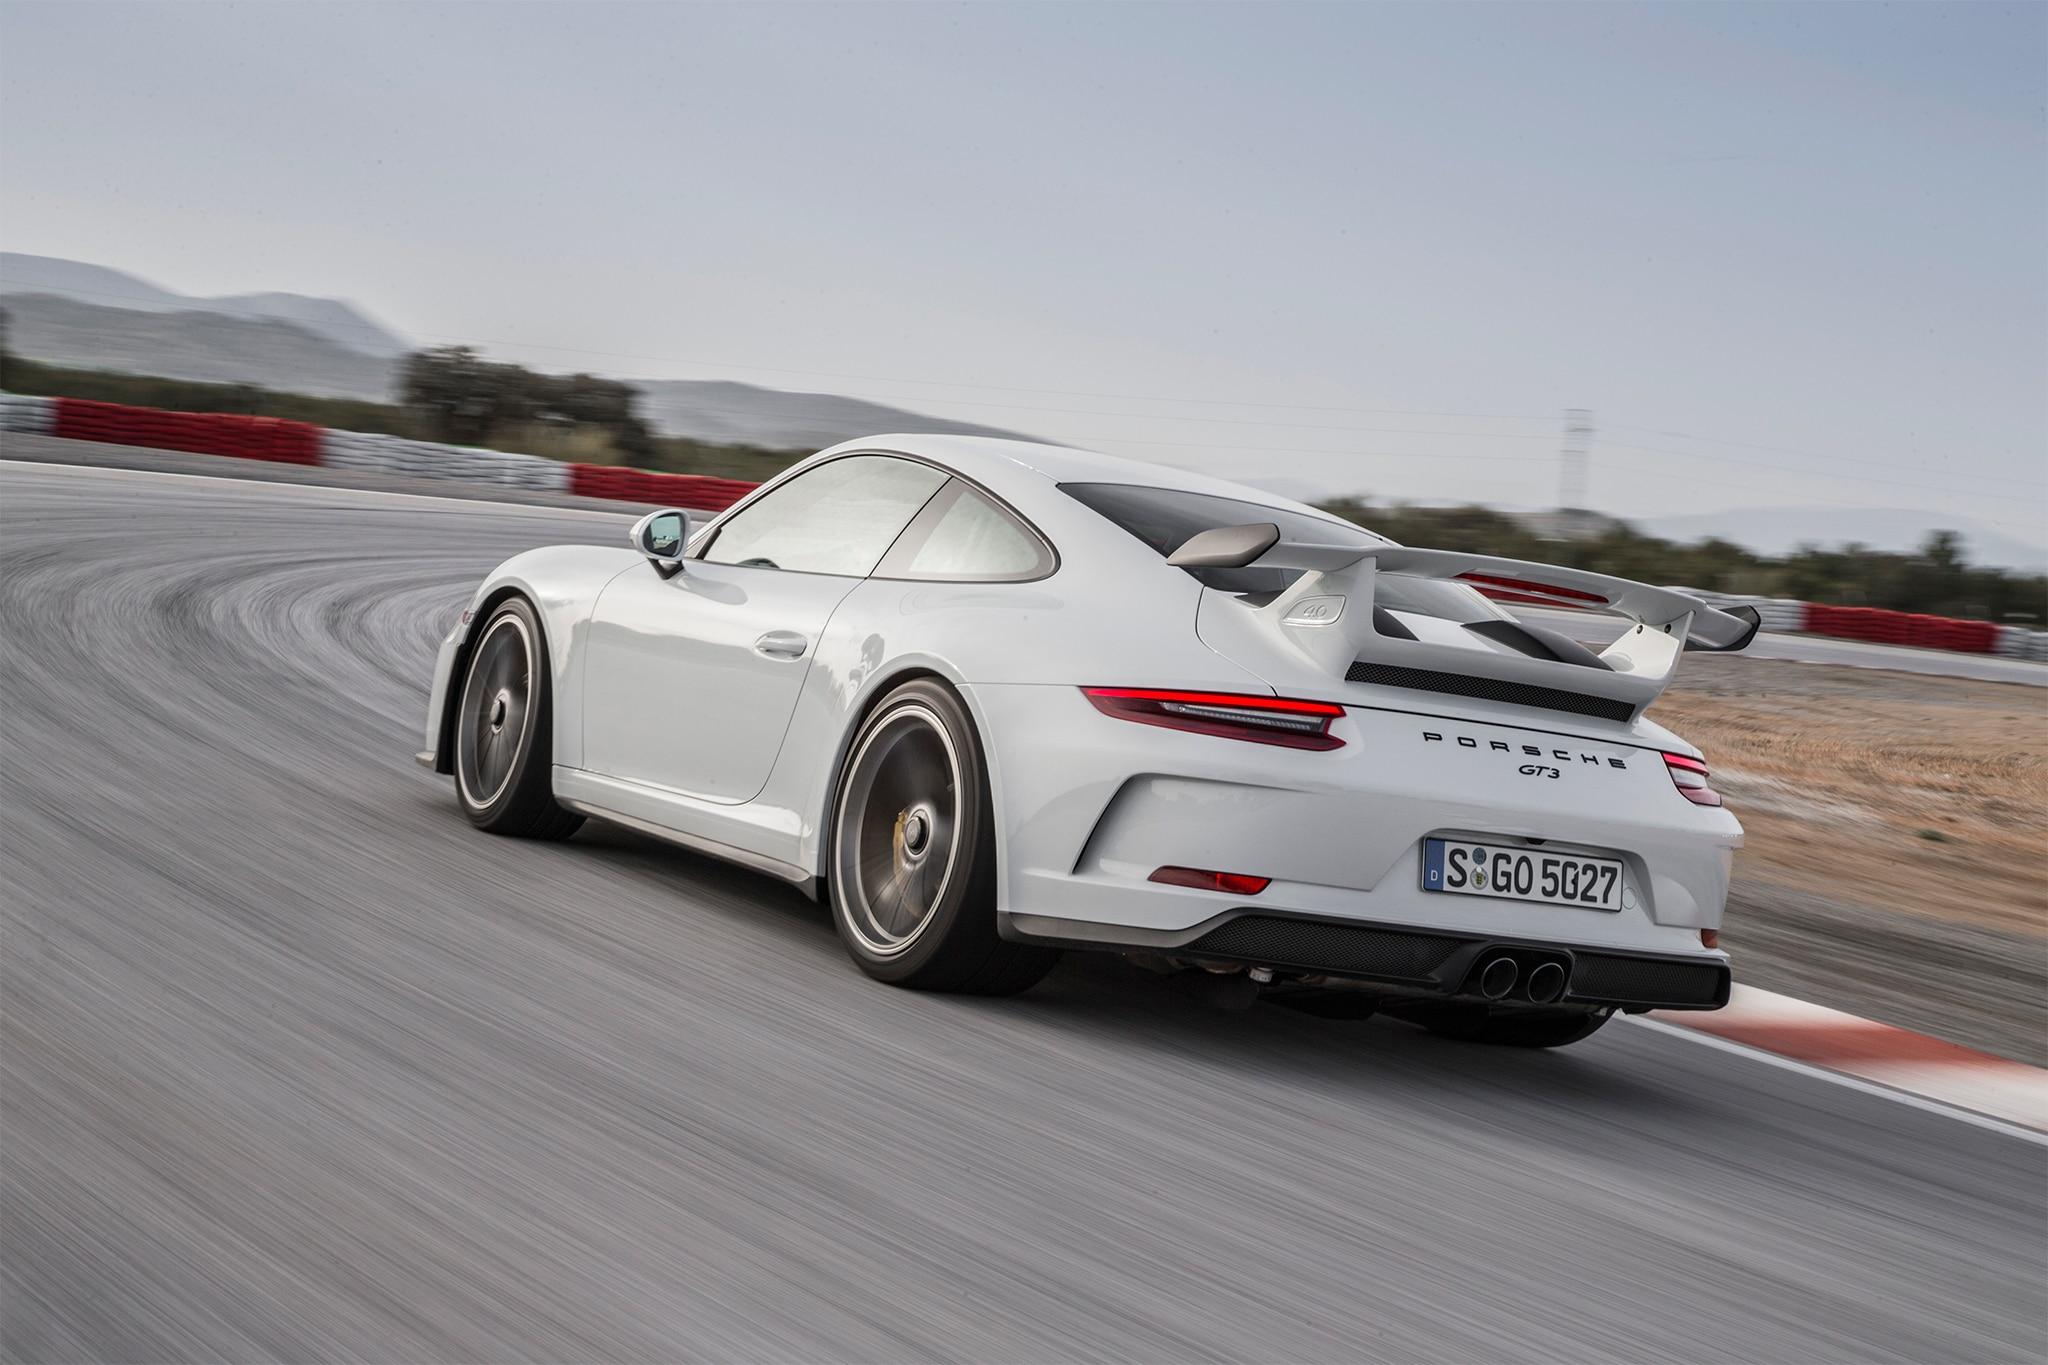 2018 Porsche 911 GT3 rear three quarter in motion 11